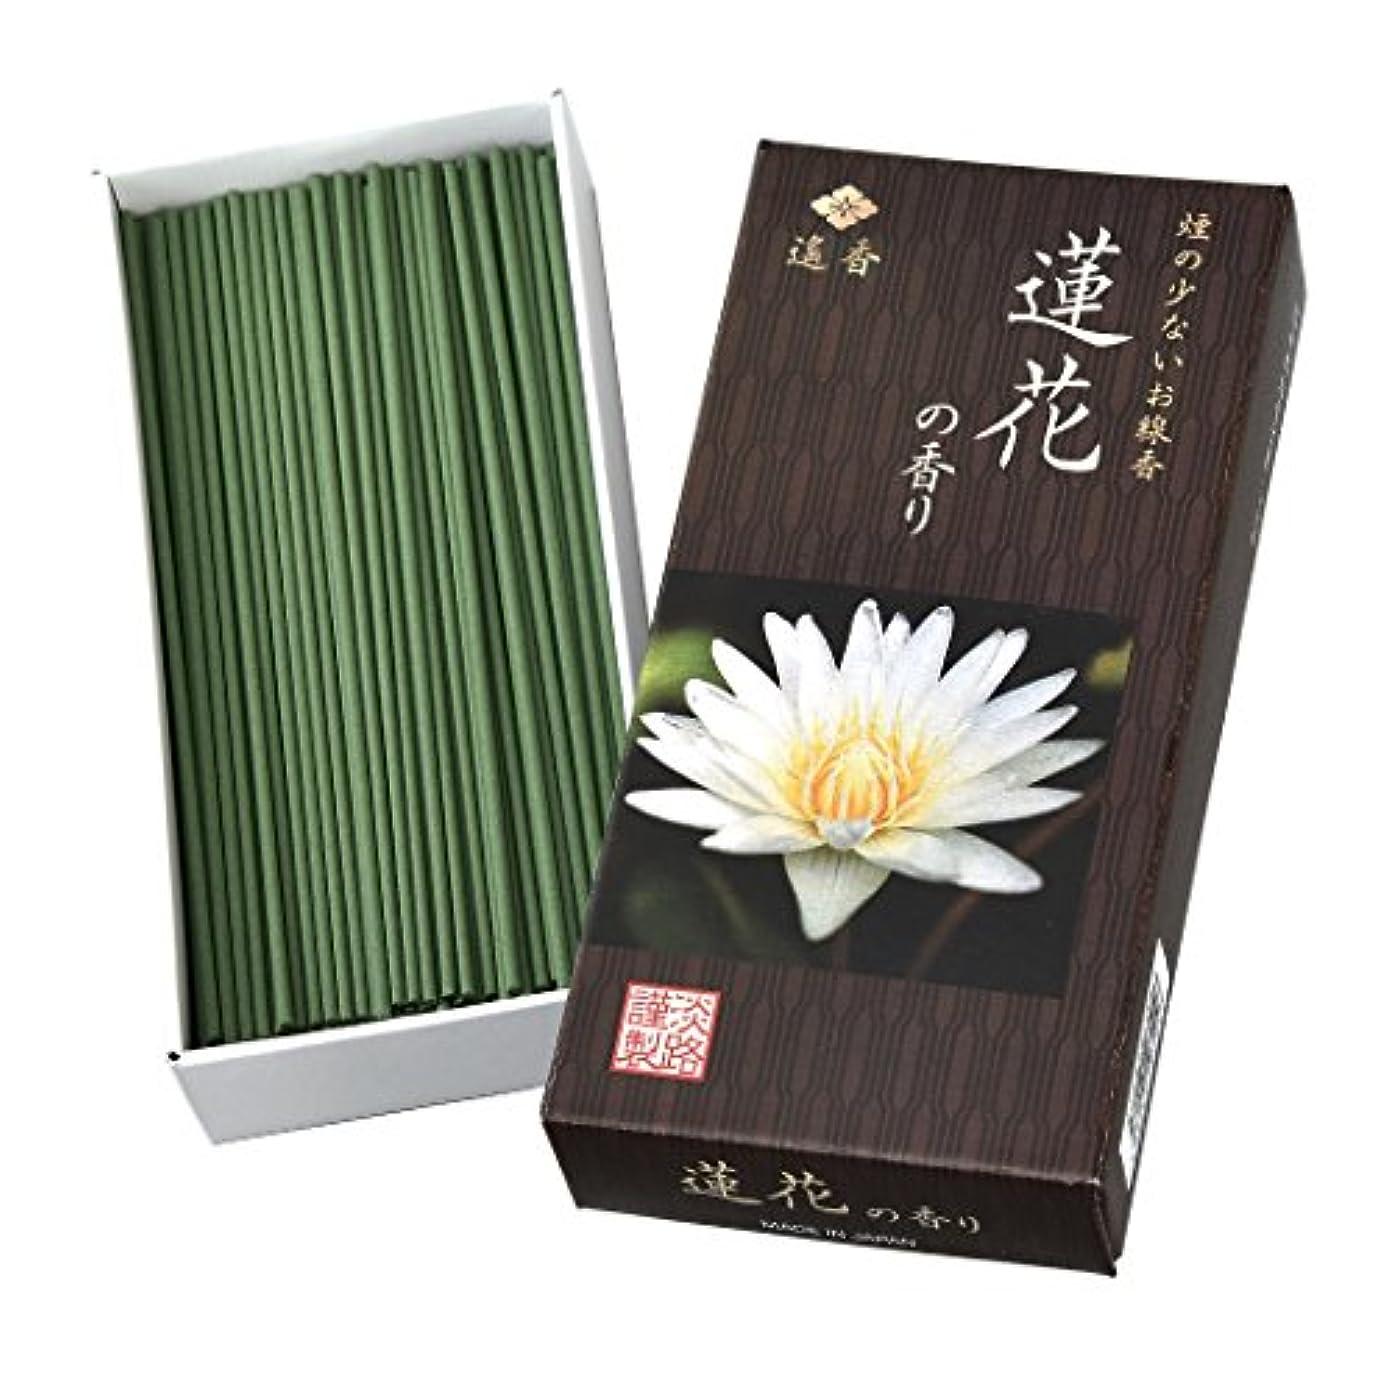 過激派胃マットレス遙香 蓮花の香り 3個セット